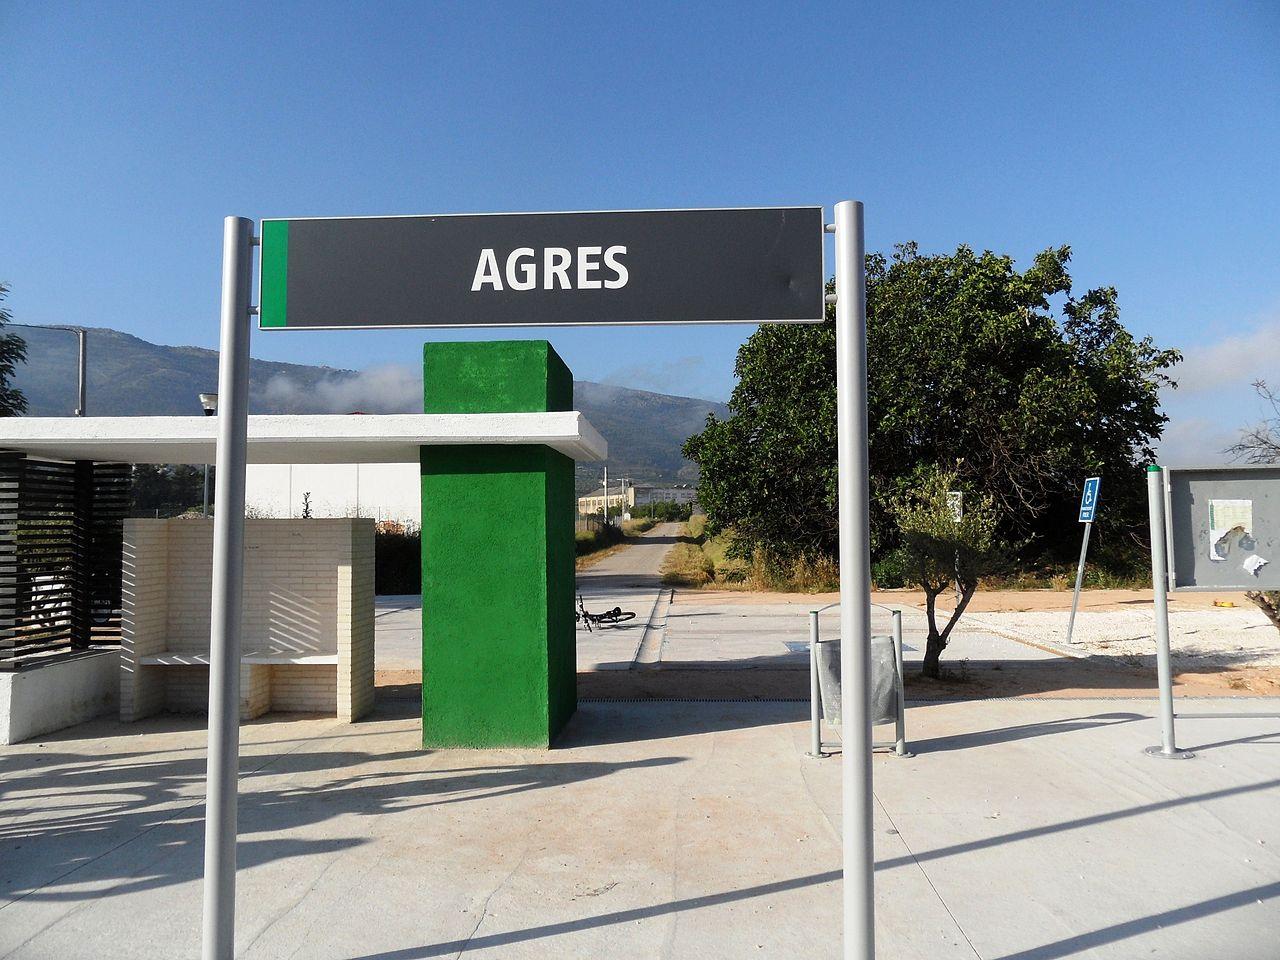 Agres City